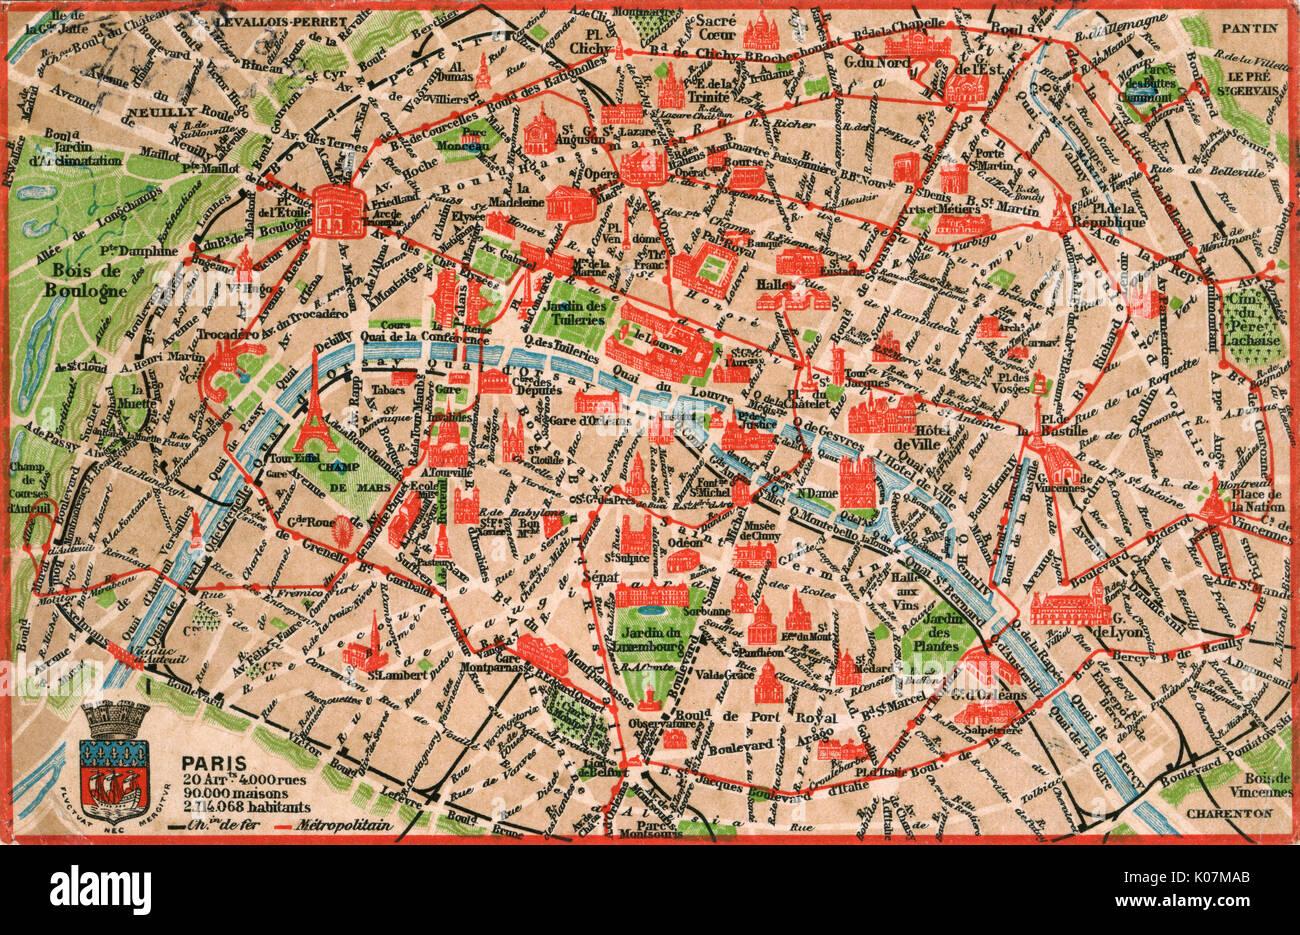 Mapa De Paris Centro.Mapa De Paris En 1908 Con Datos Geograficos Y Demograficos